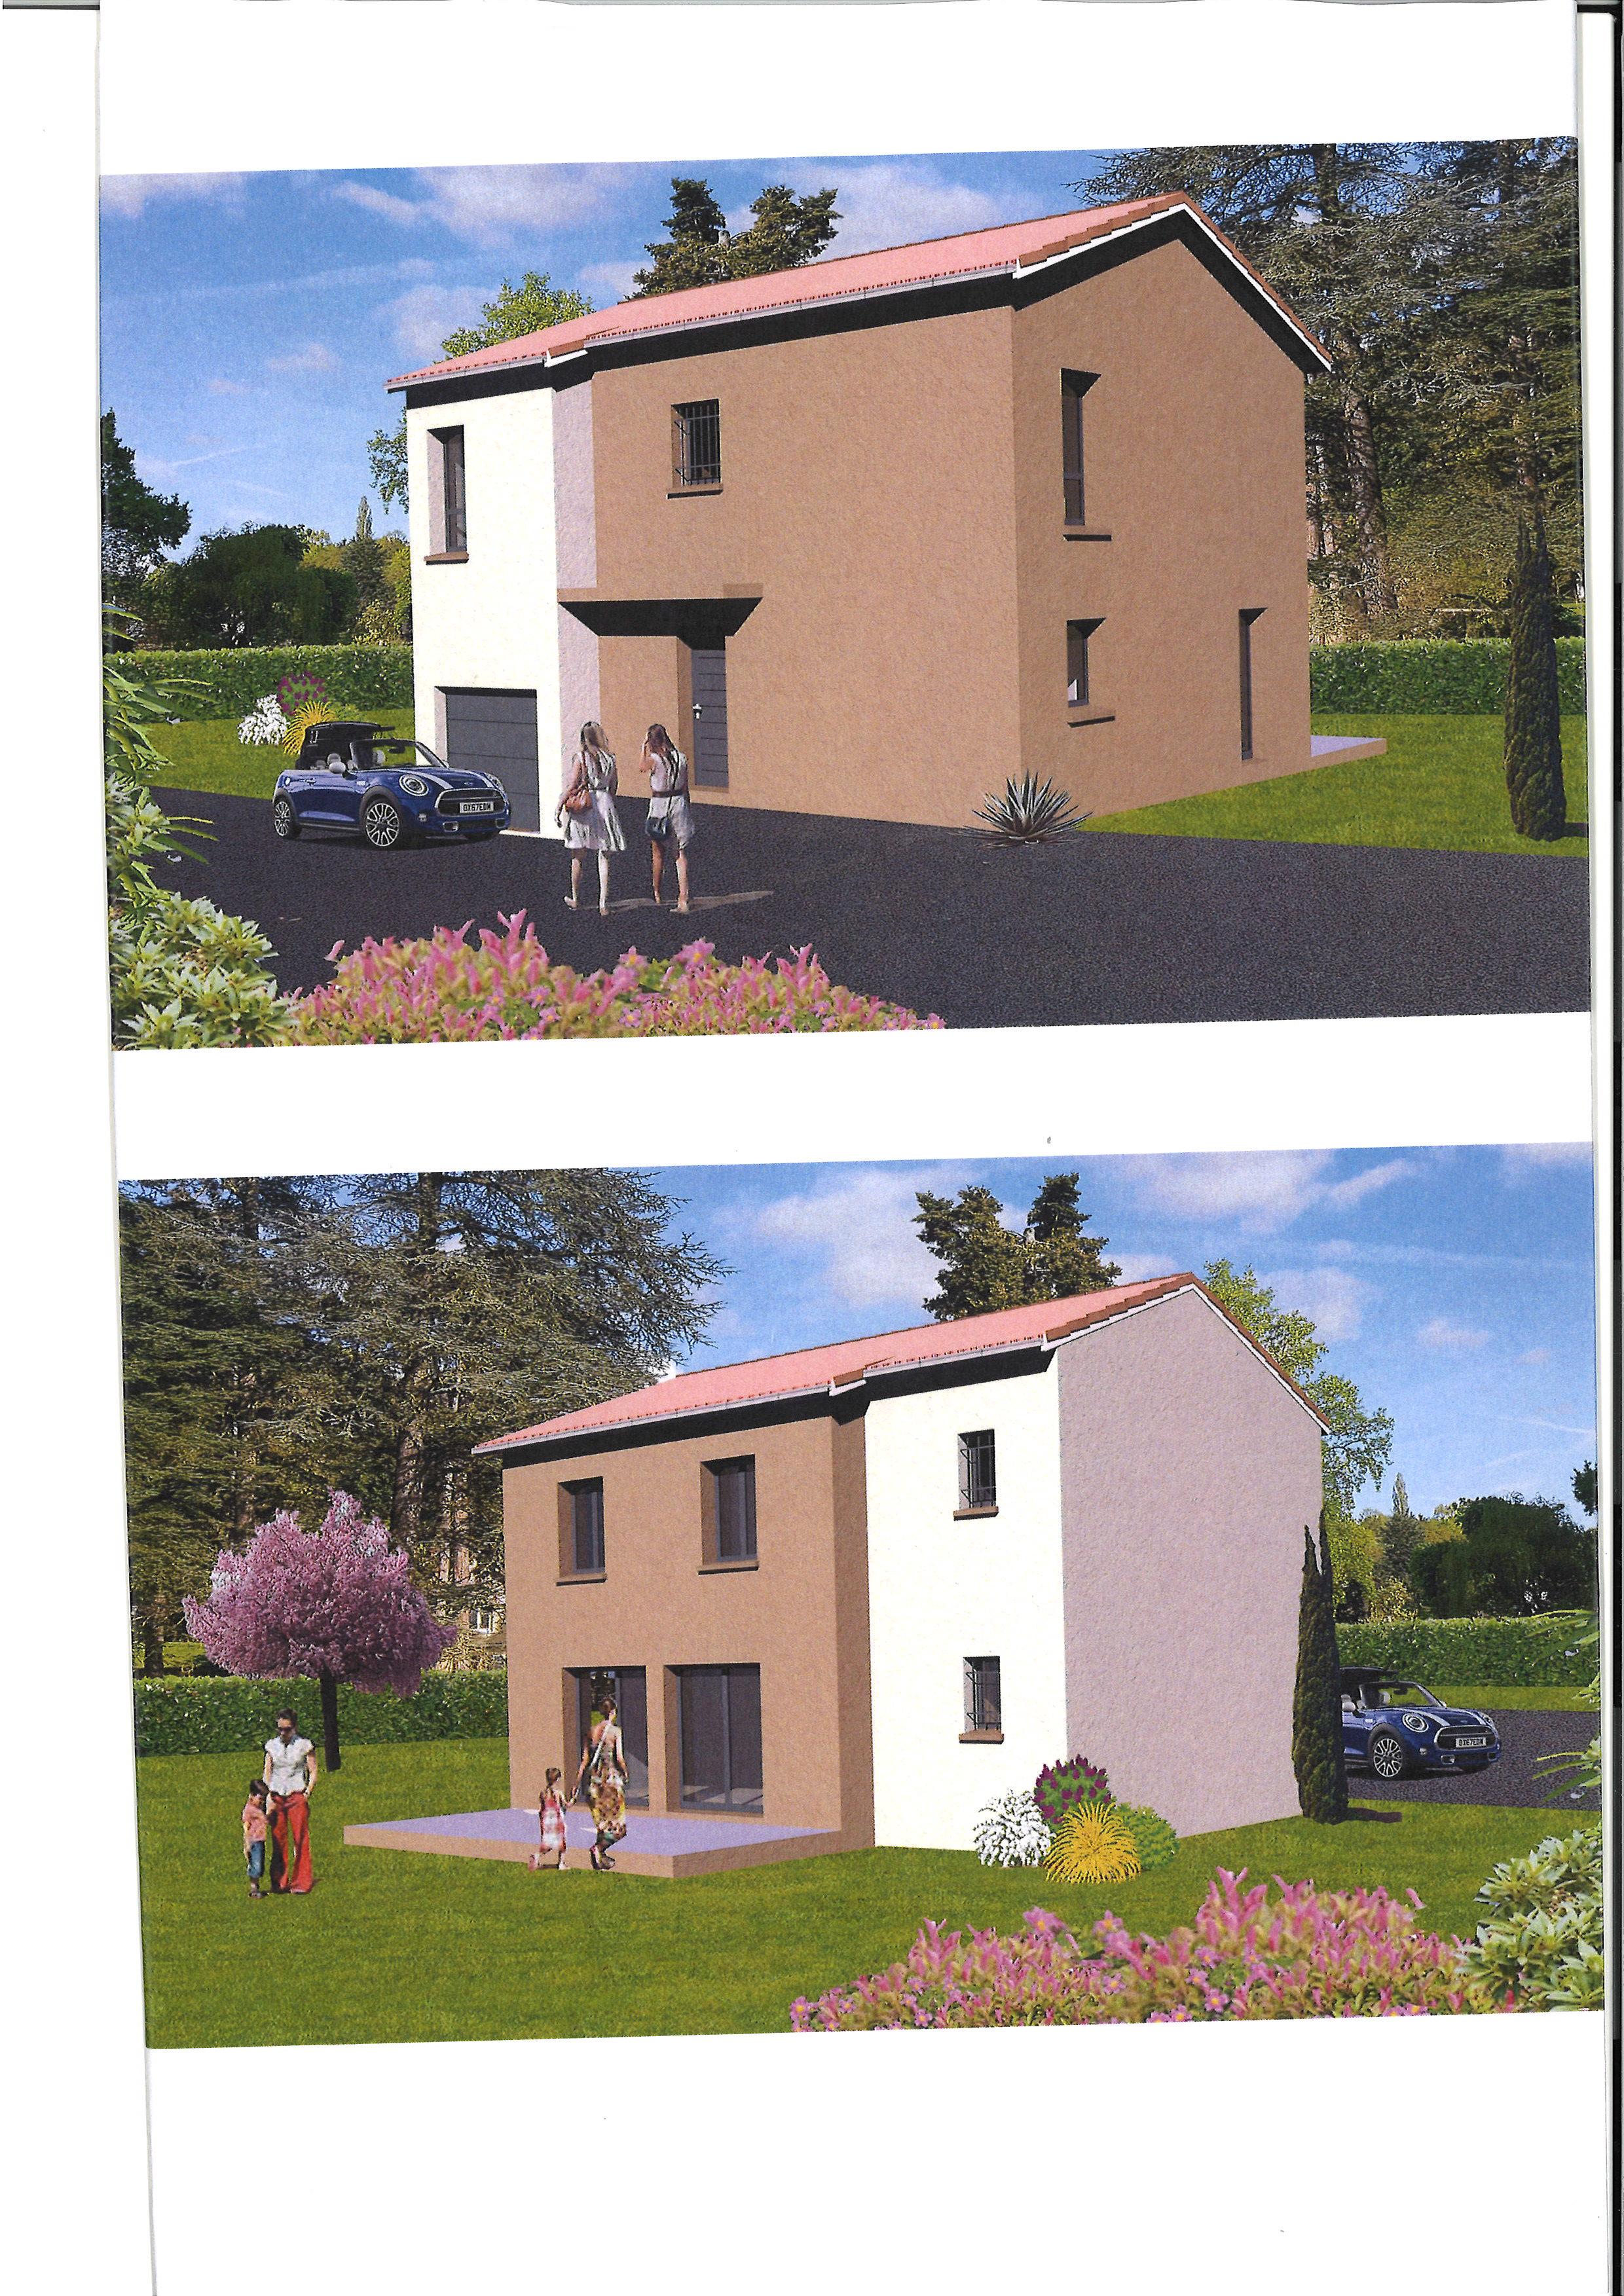 Maisons + Terrains du constructeur MAISON AXIAL • 114 m² • ALBIGNY SUR SAONE